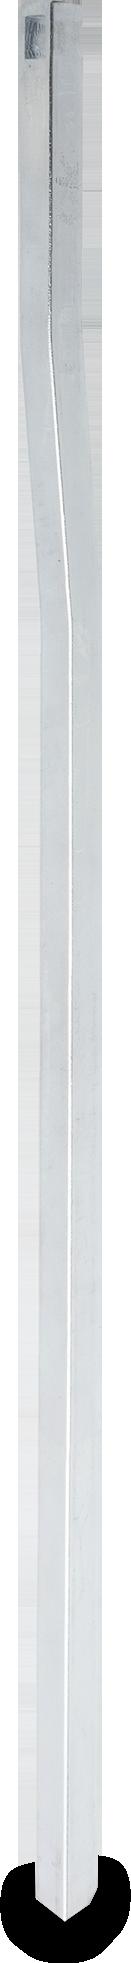 Stange Stahl, verzinkt, rechts und links verwendbar, Vierkant 8 mm, gekröpft, L = 400 mm